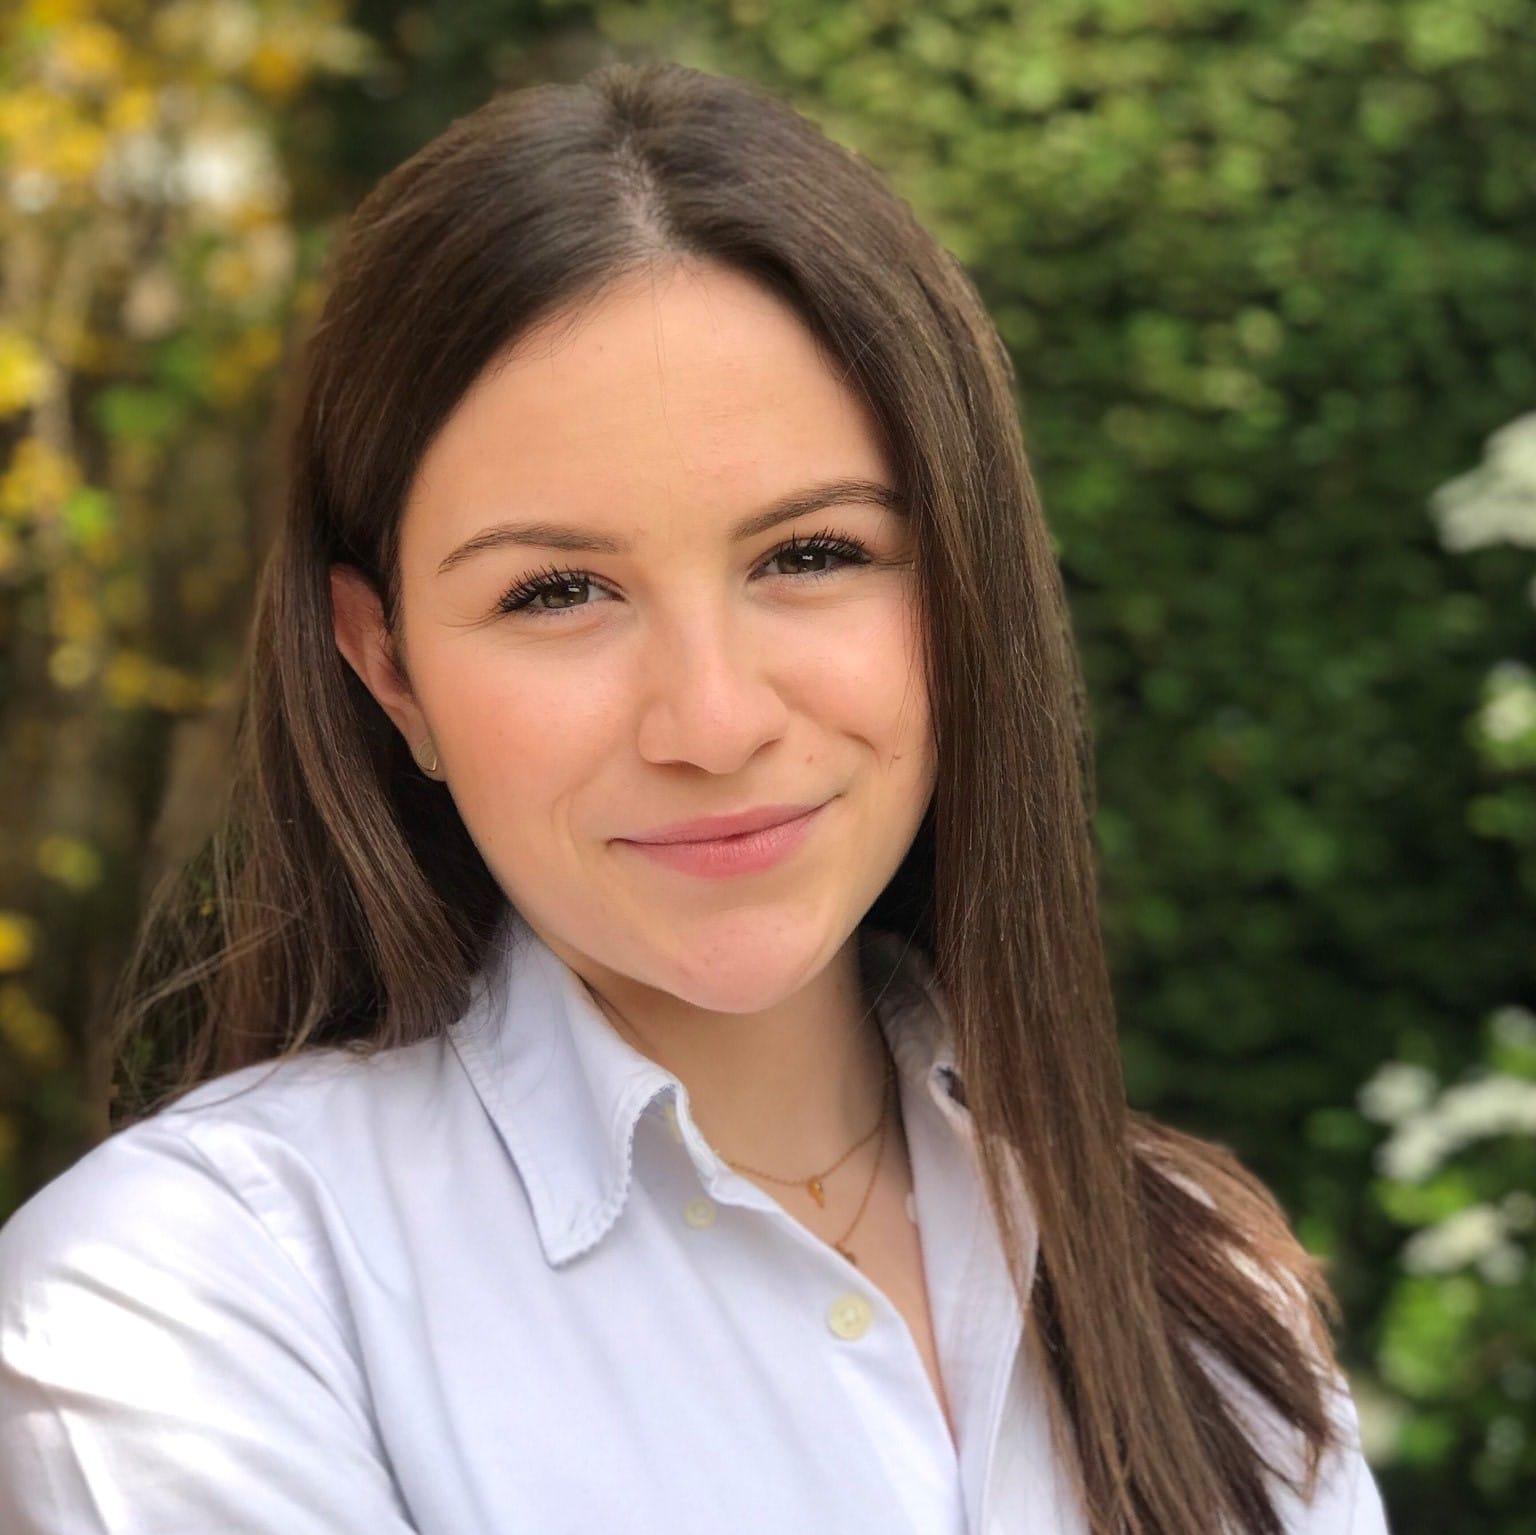 Kristina Antic